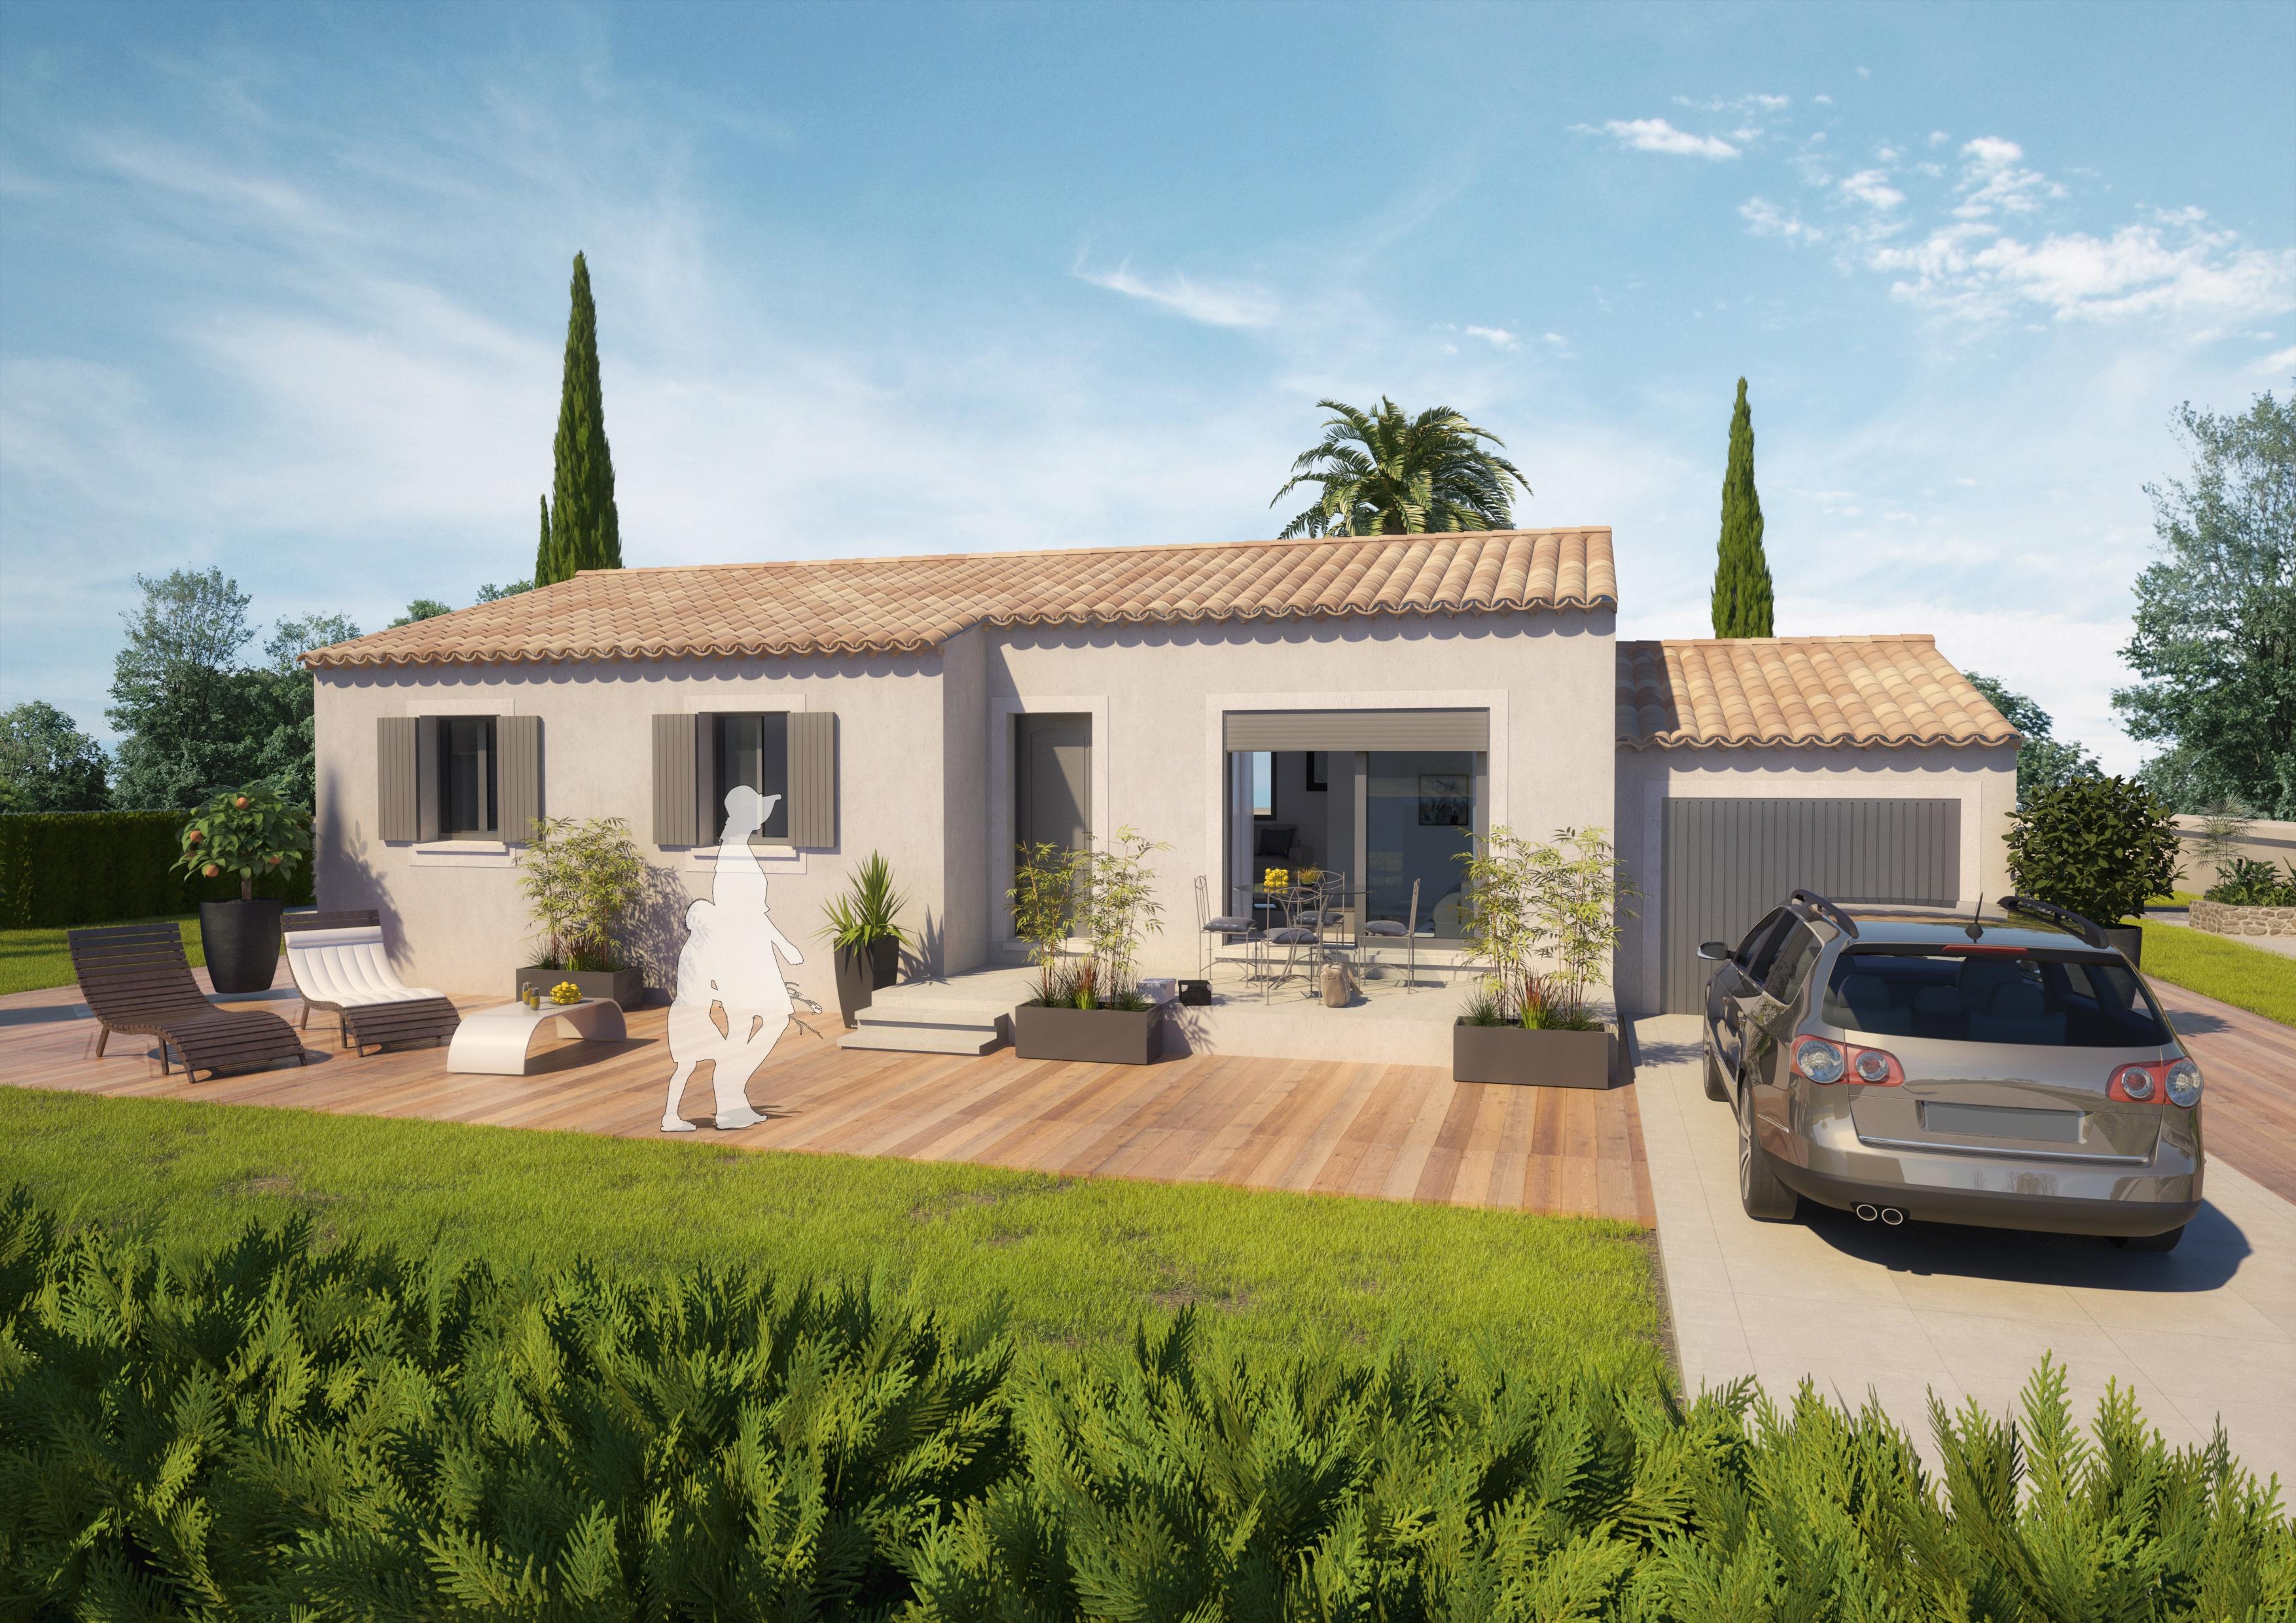 Maisons + Terrains du constructeur ART ET TRADITIONS MEDITERRANEE • 93 m² • TAVEL